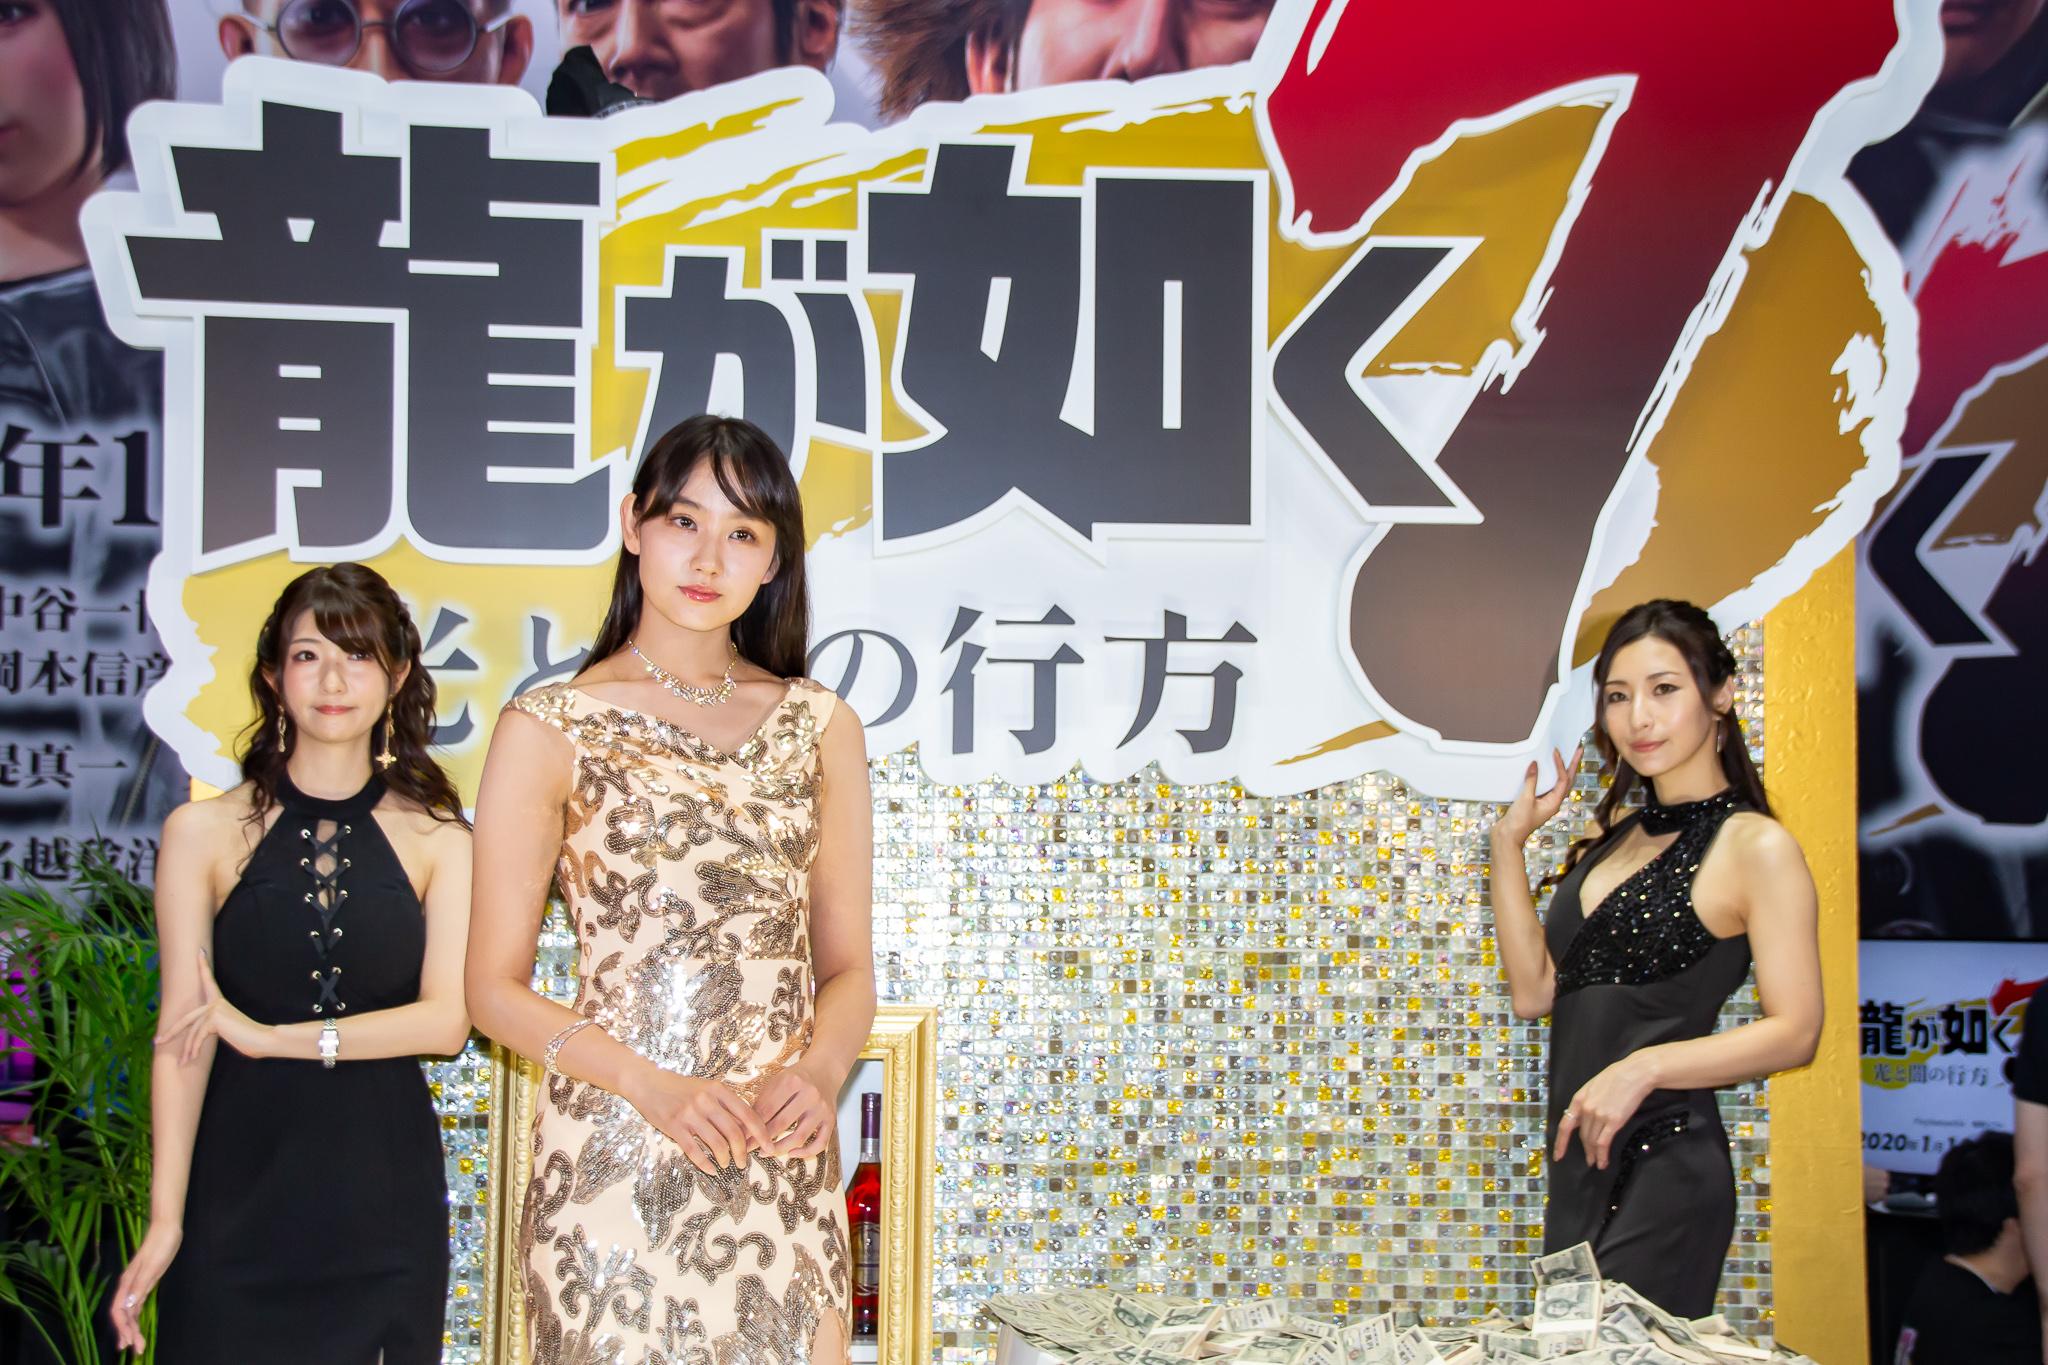 東京ゲームショウ2019 コンパニオンさん写真まとめ(セガゲームス/アトラス) #TGS2019